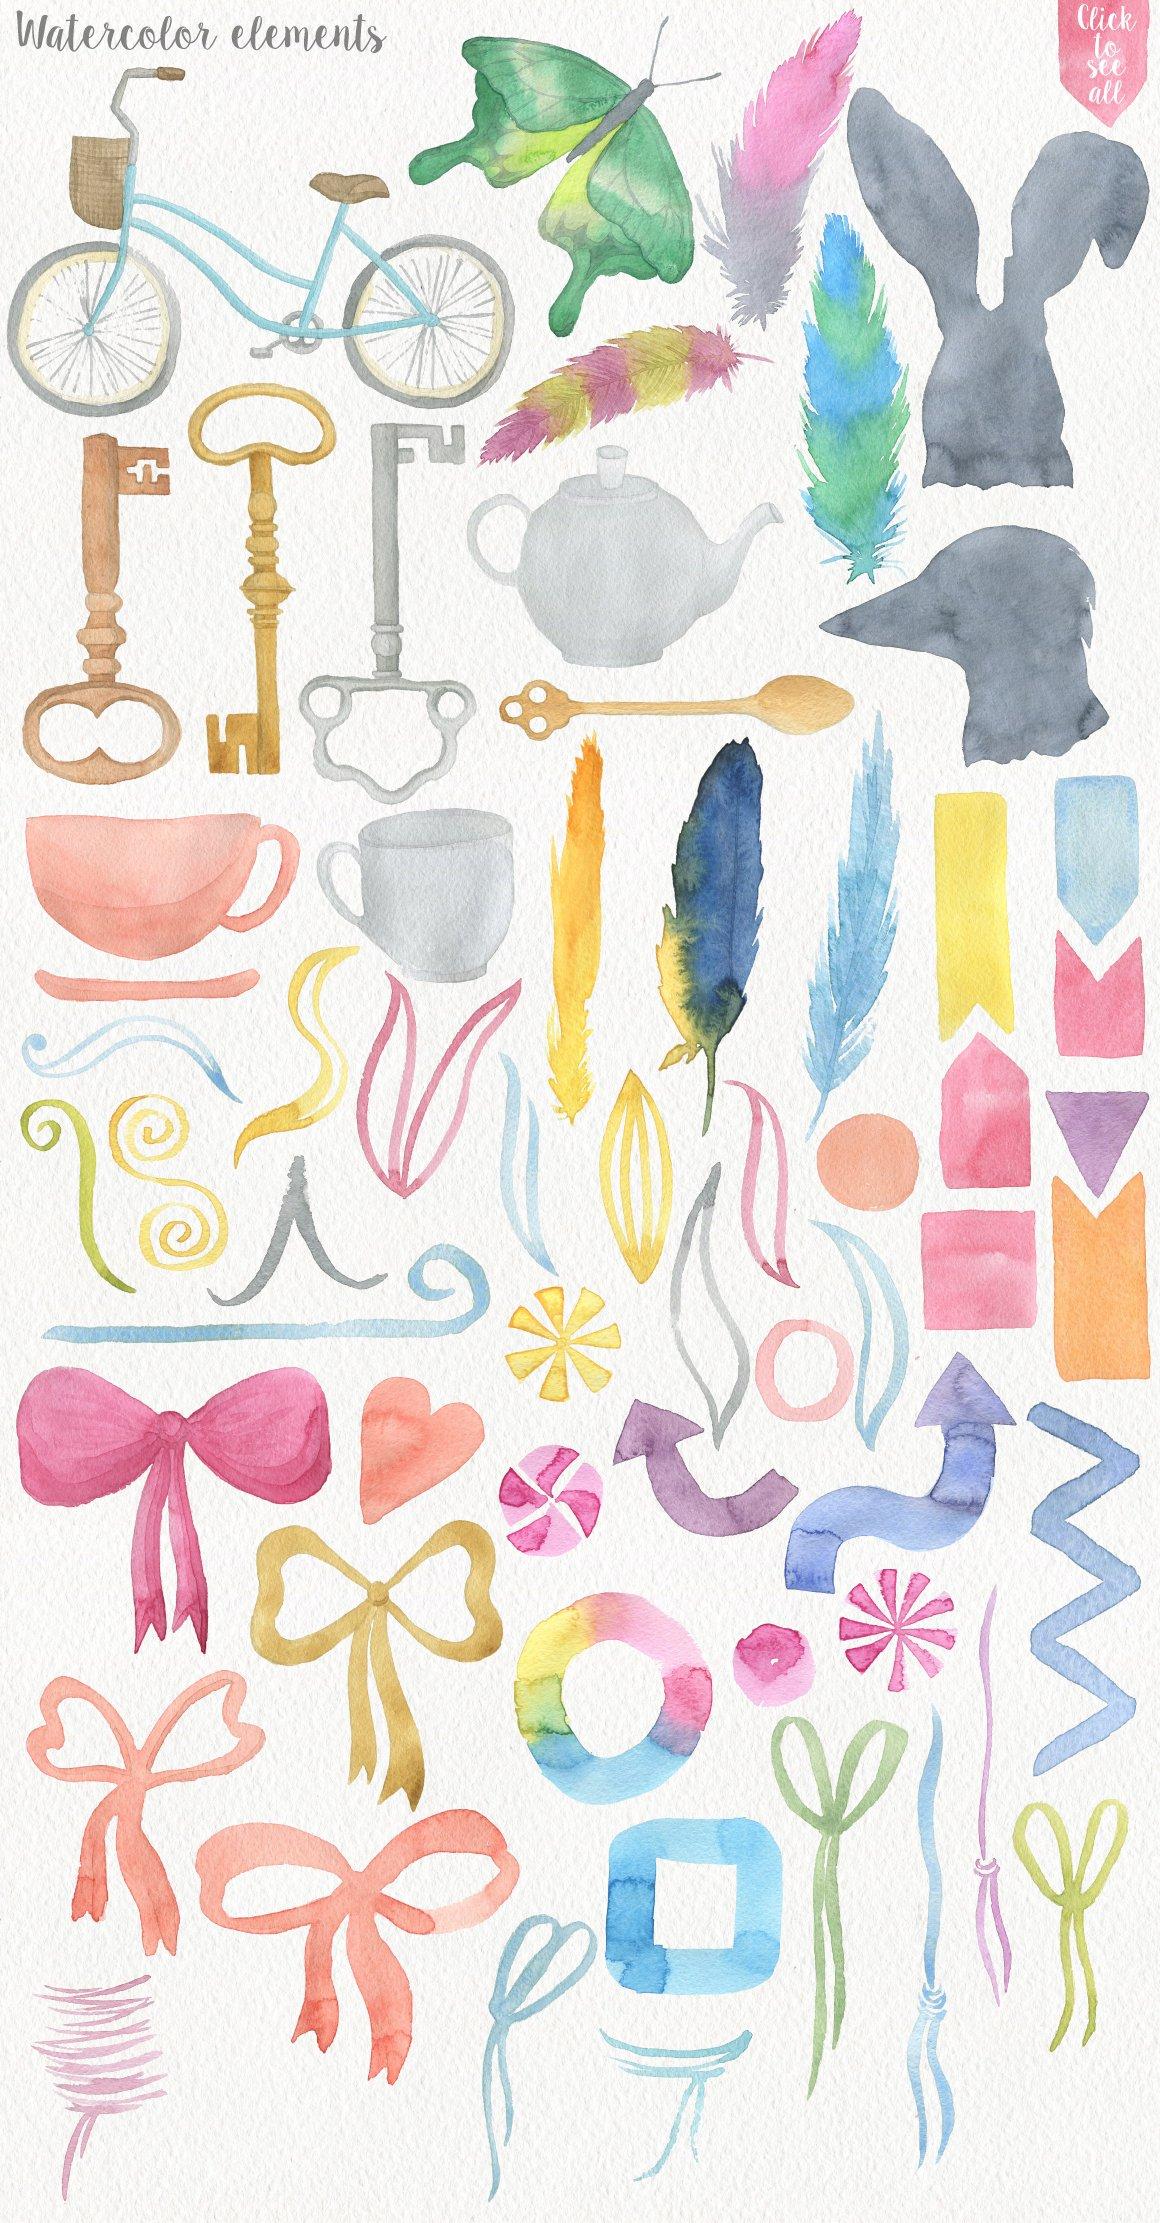 191种高清手绘花卉动物元素水彩剪贴画PNG素材 Garden Watercolor DIY插图(3)